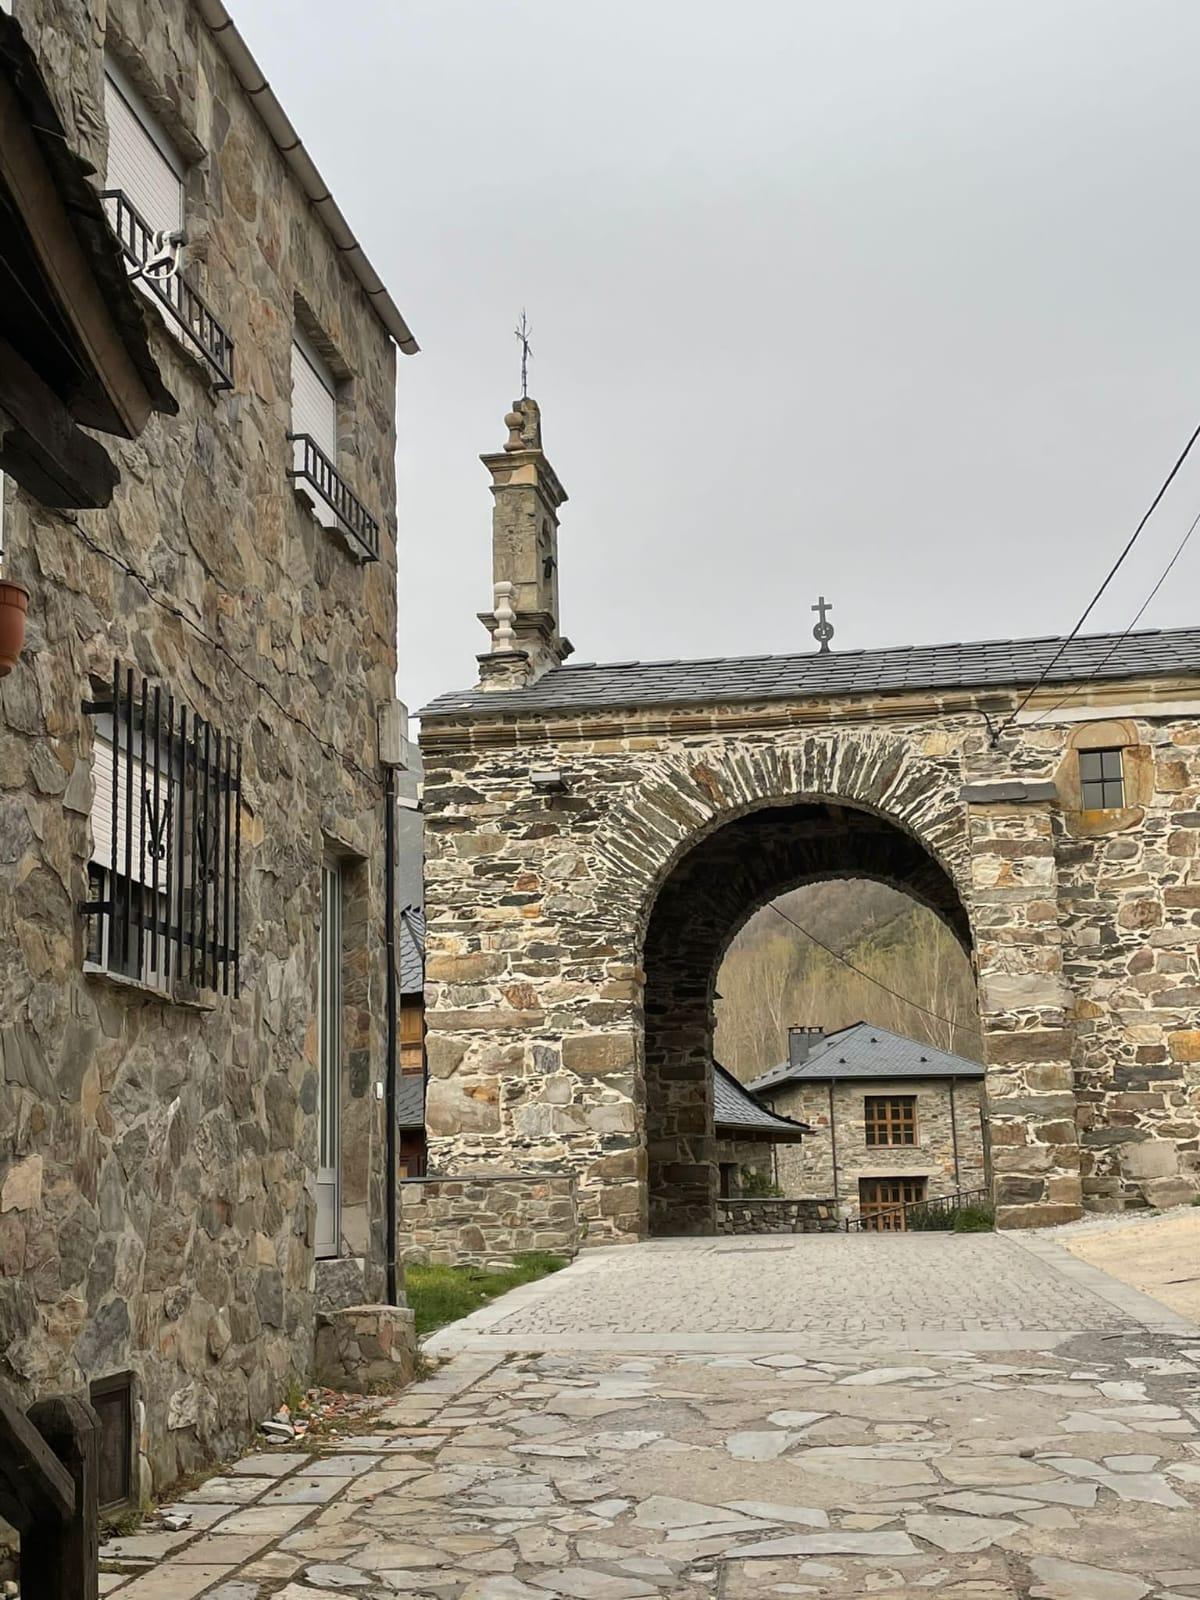 El Bierzo recibe más de 2 millones de euros en ayudas para la recuperación de su patrimonio 1